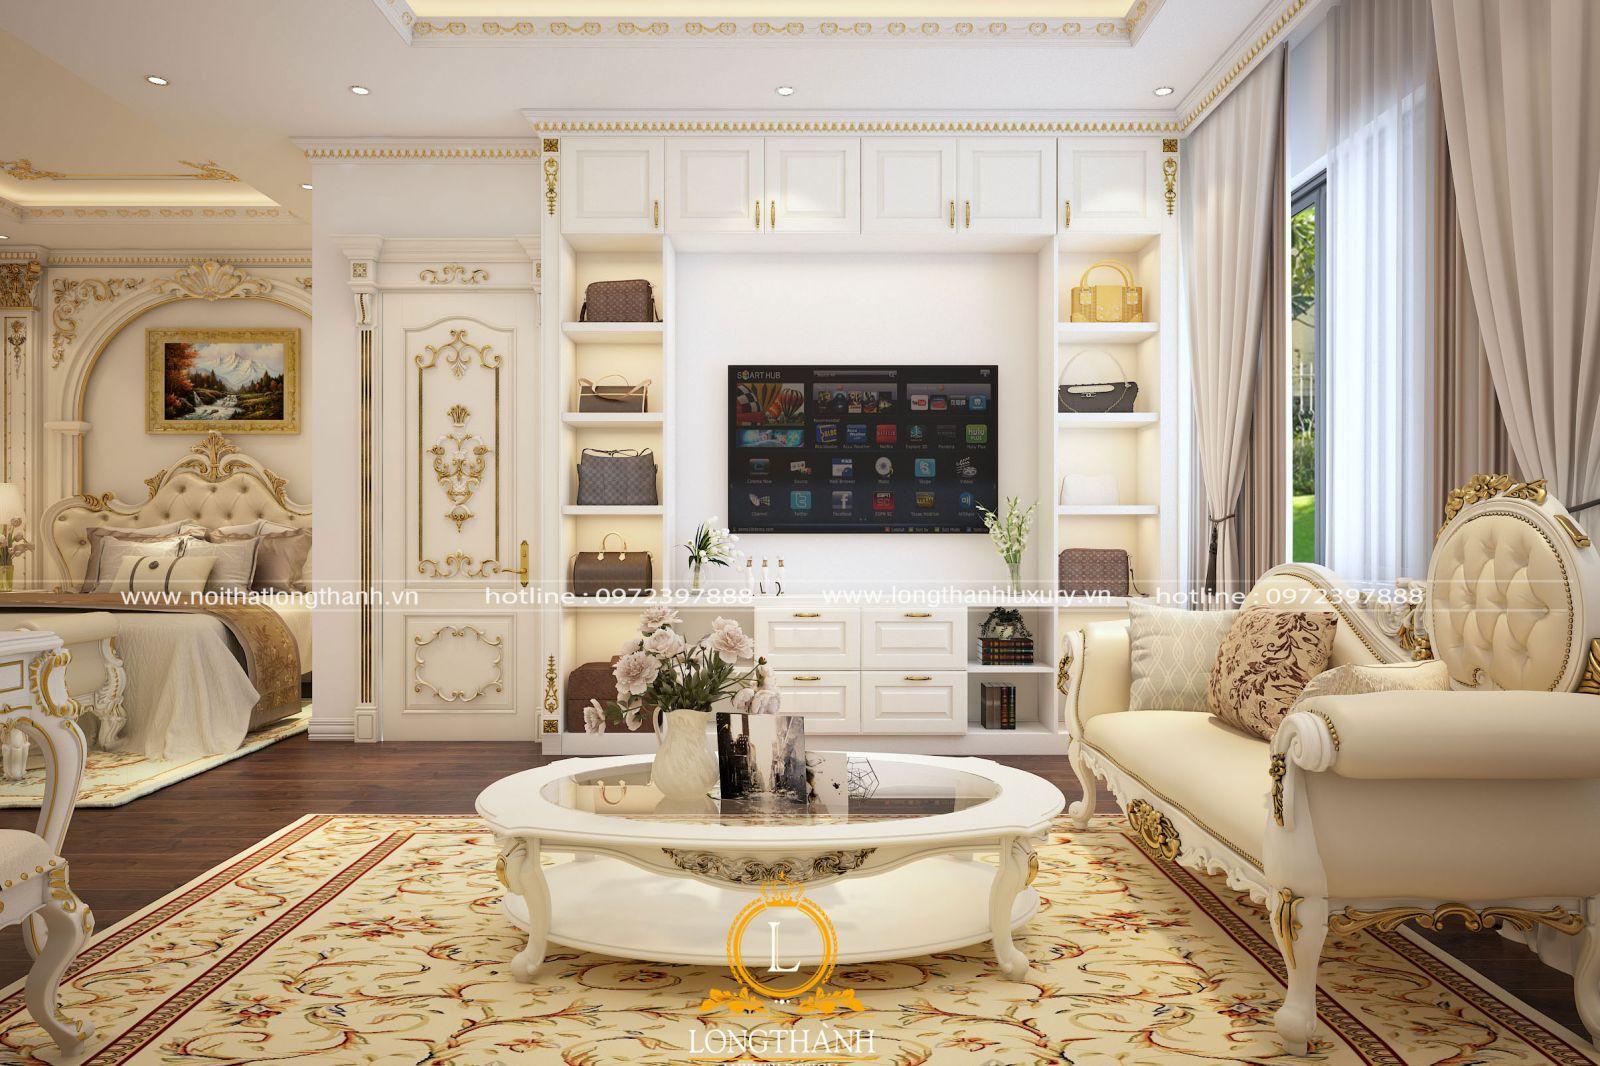 Kệ tivi tân cổ điển mạ vàng kết hợp tủ trưng bày